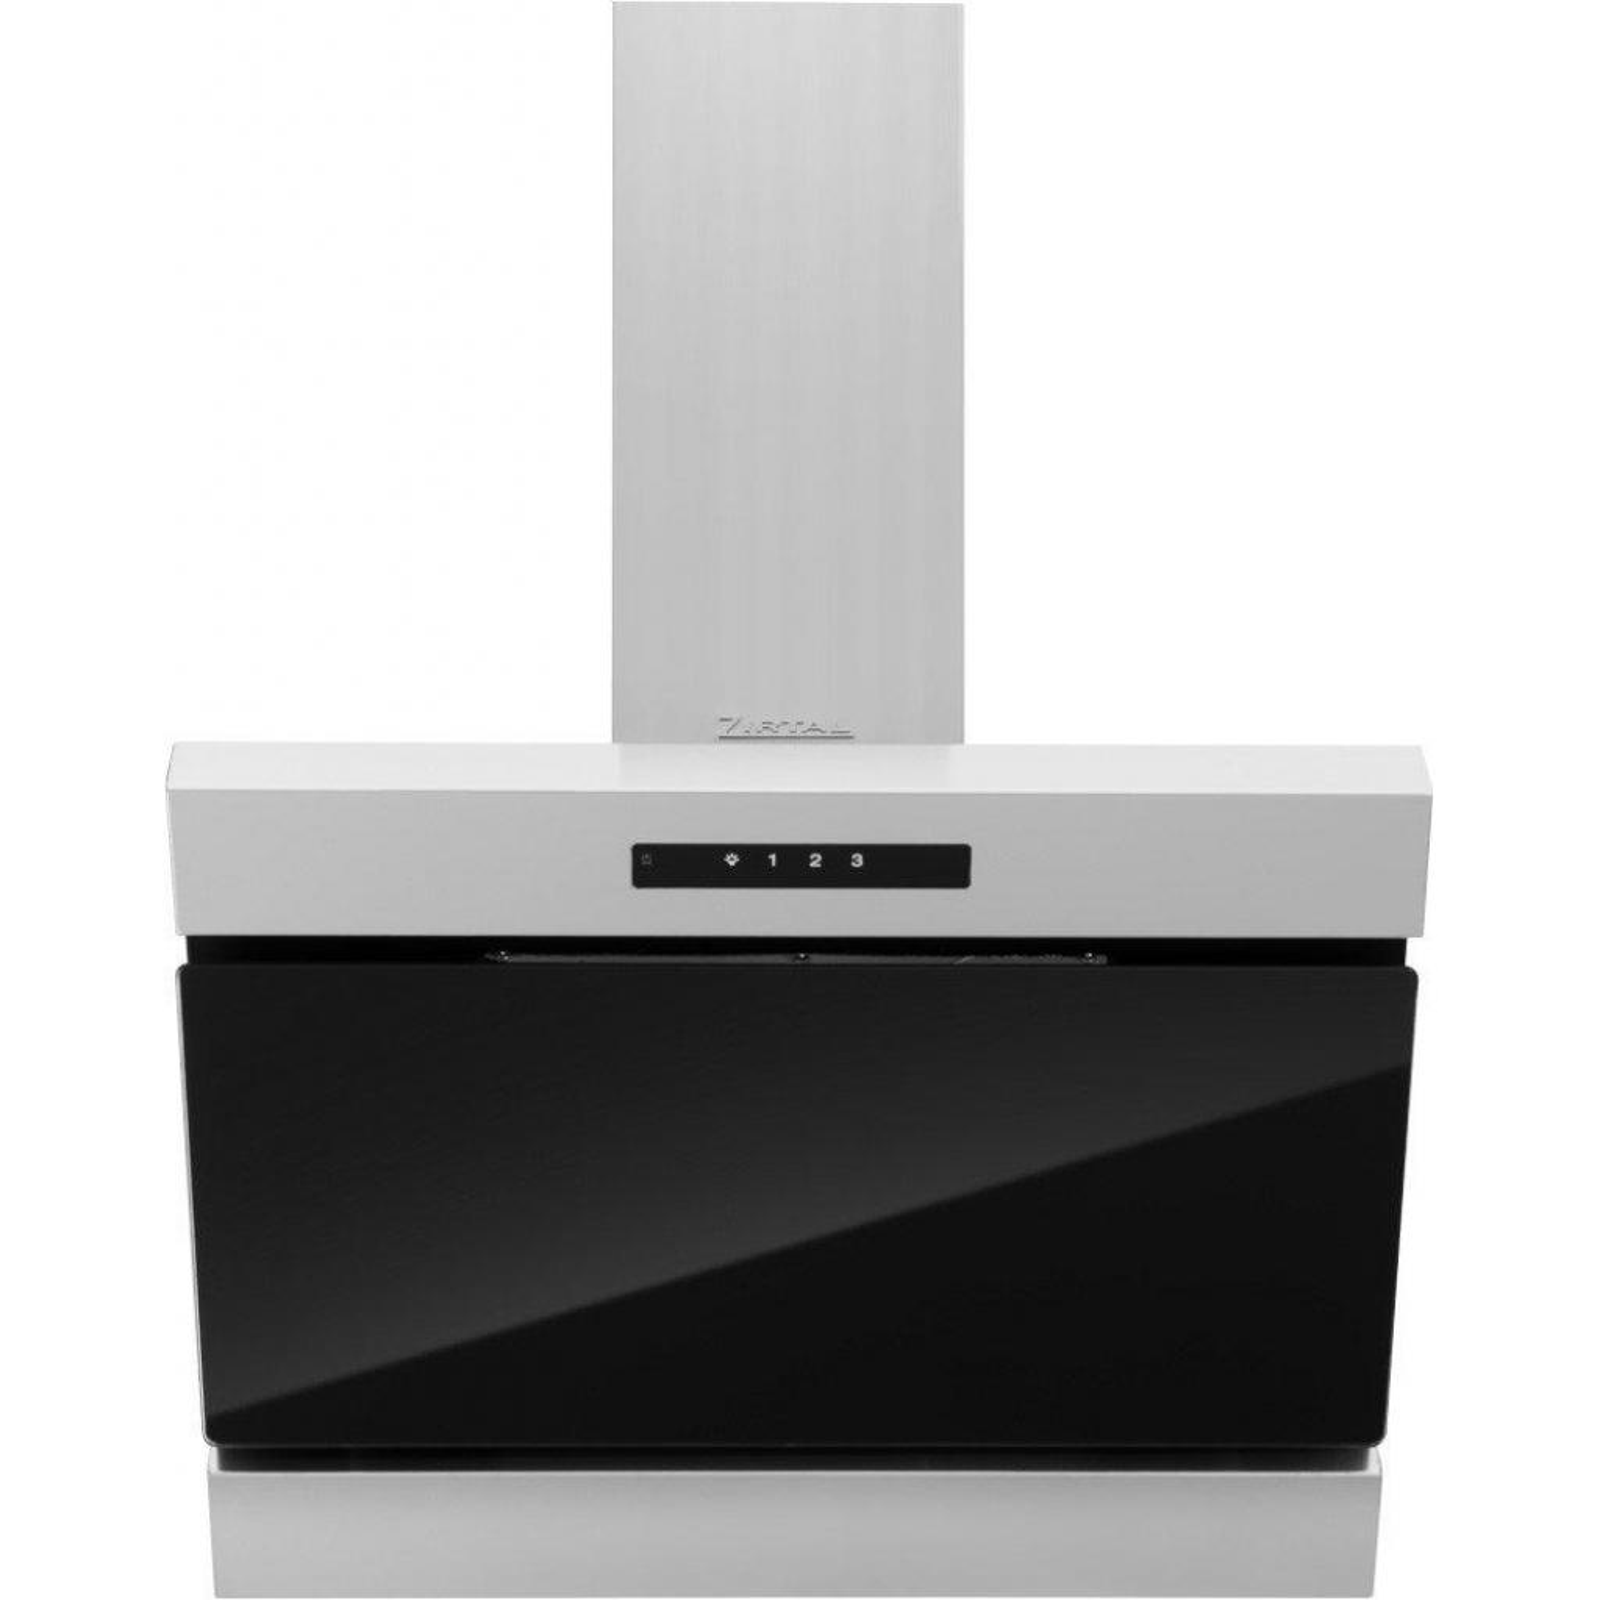 Вытяжка кухонная ZIRTAL FORTE 60 BL изображение 3